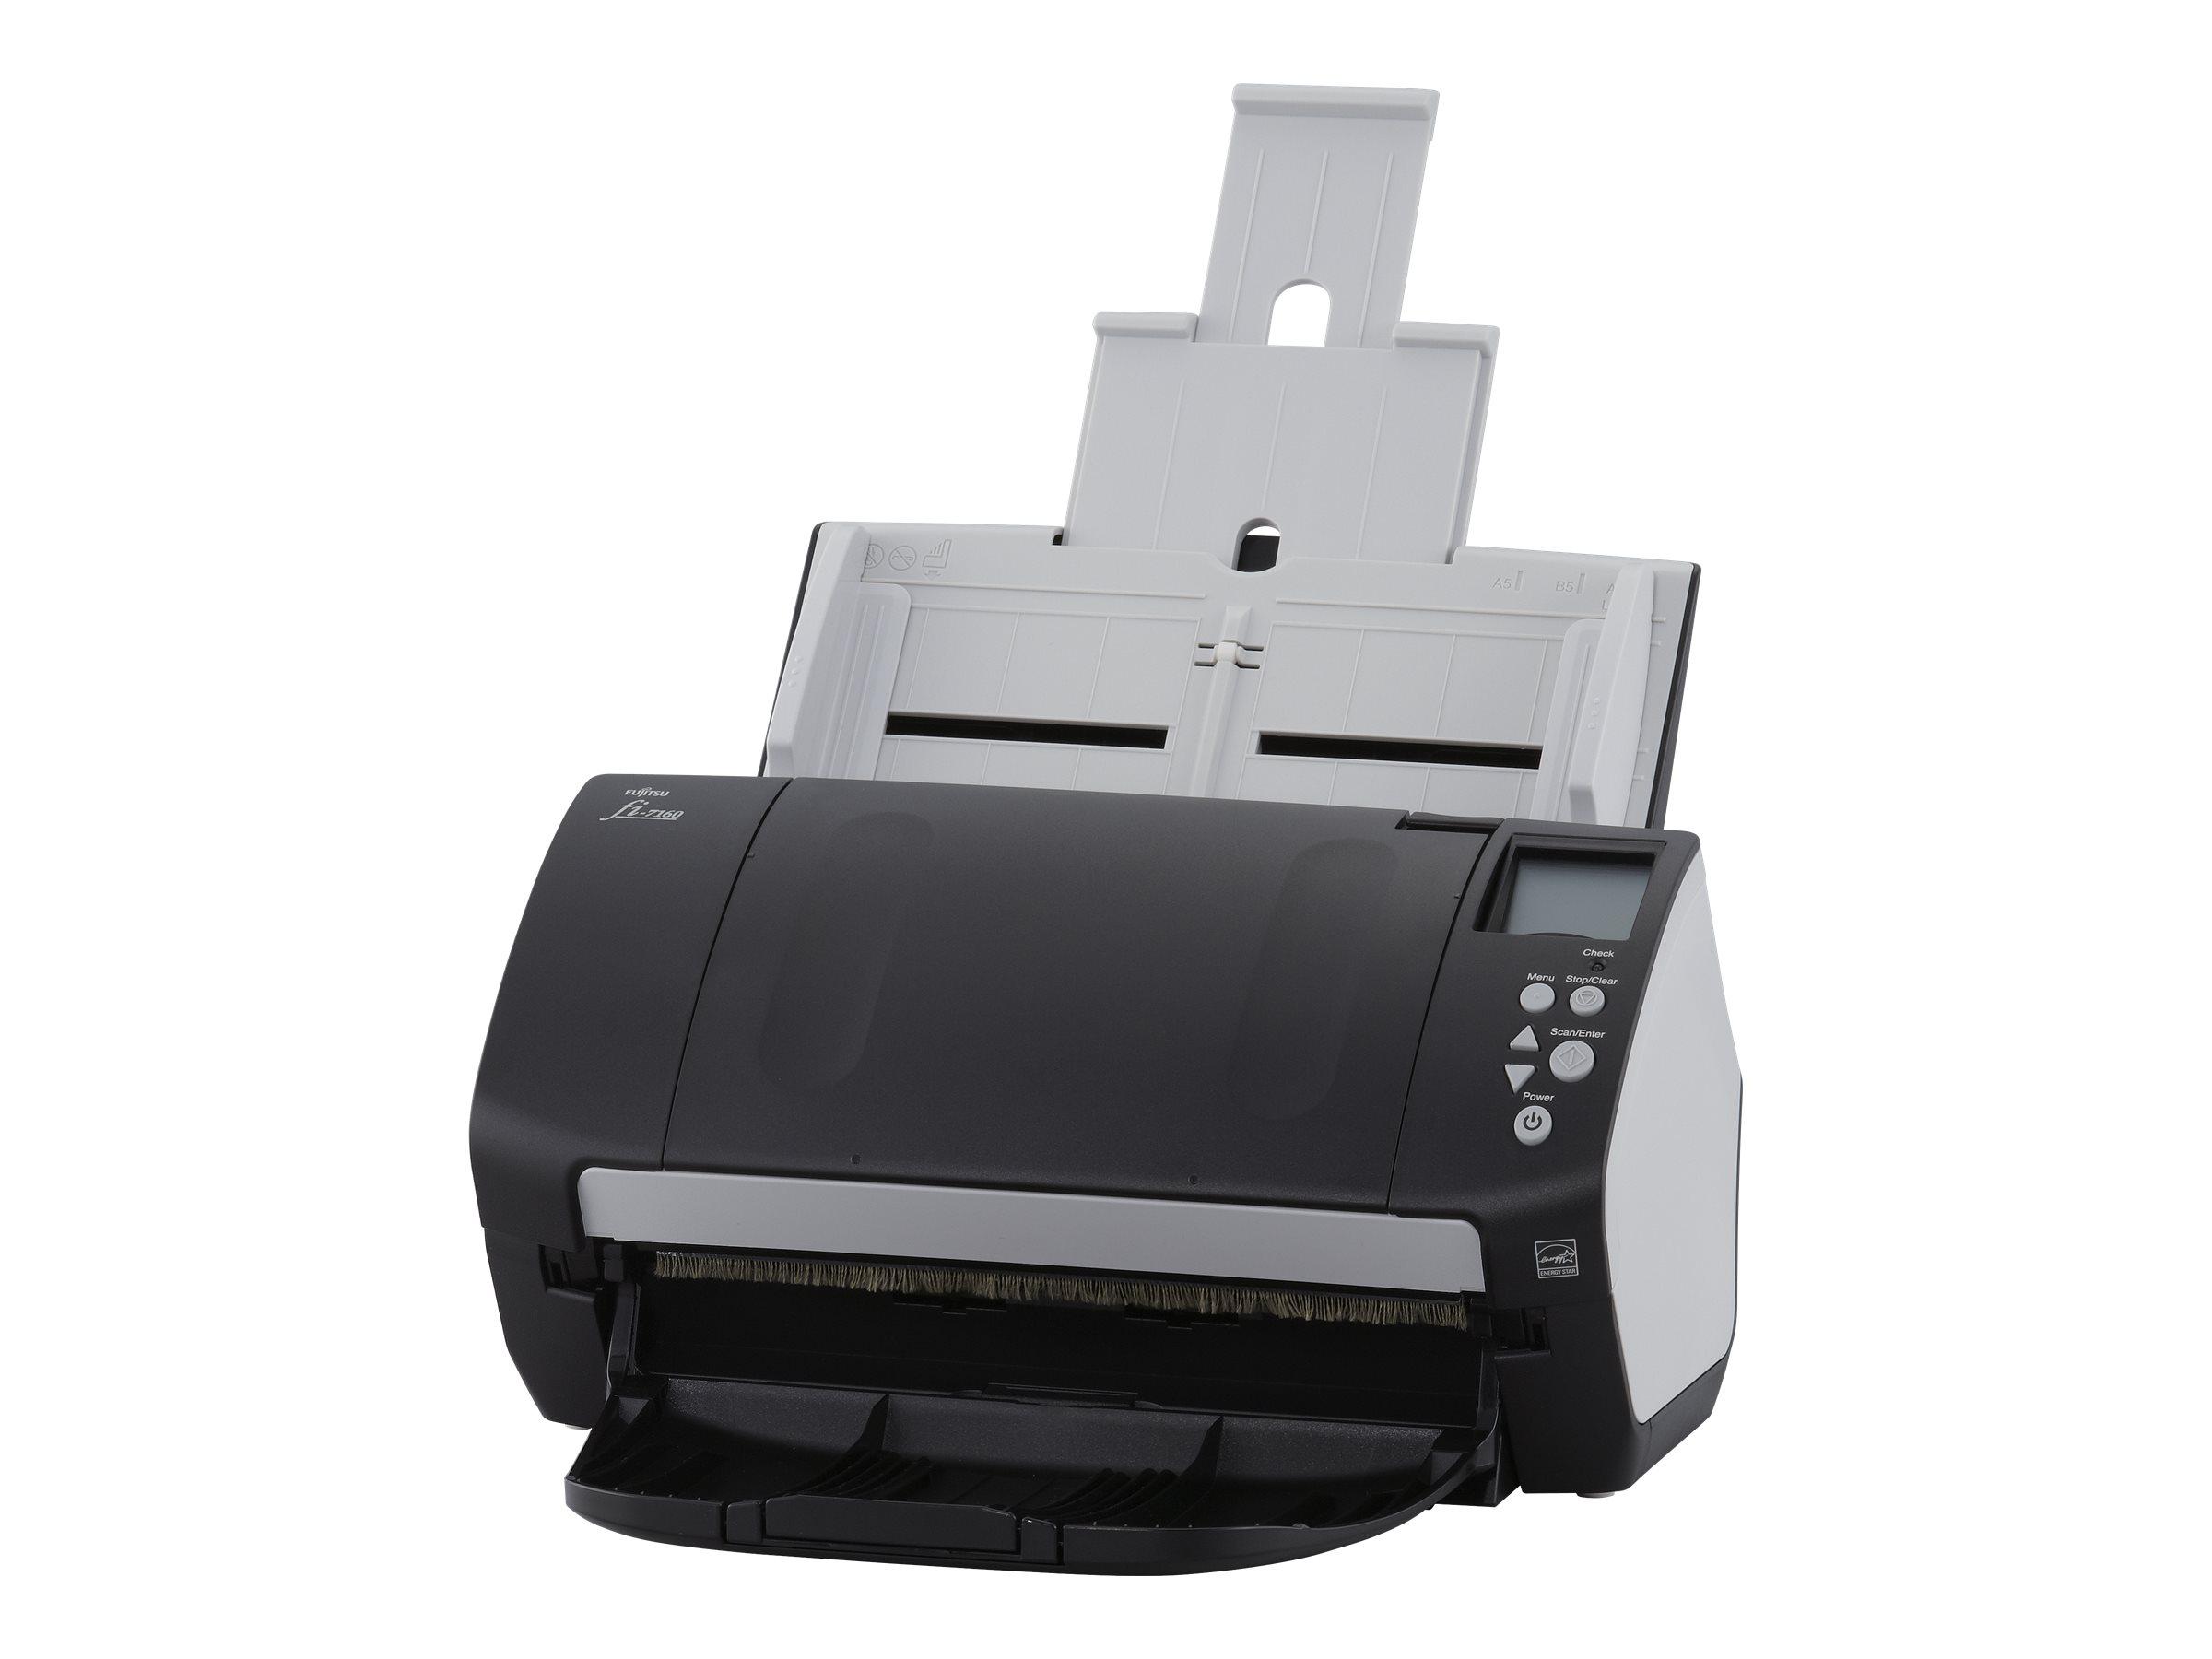 Fujitsu fi-7160 - Dokumentenscanner - Duplex - 216 x 355.6 mm - 600 dpi x 600 dpi - bis zu 60 Seiten/Min. (einfarbig) / bis zu 6